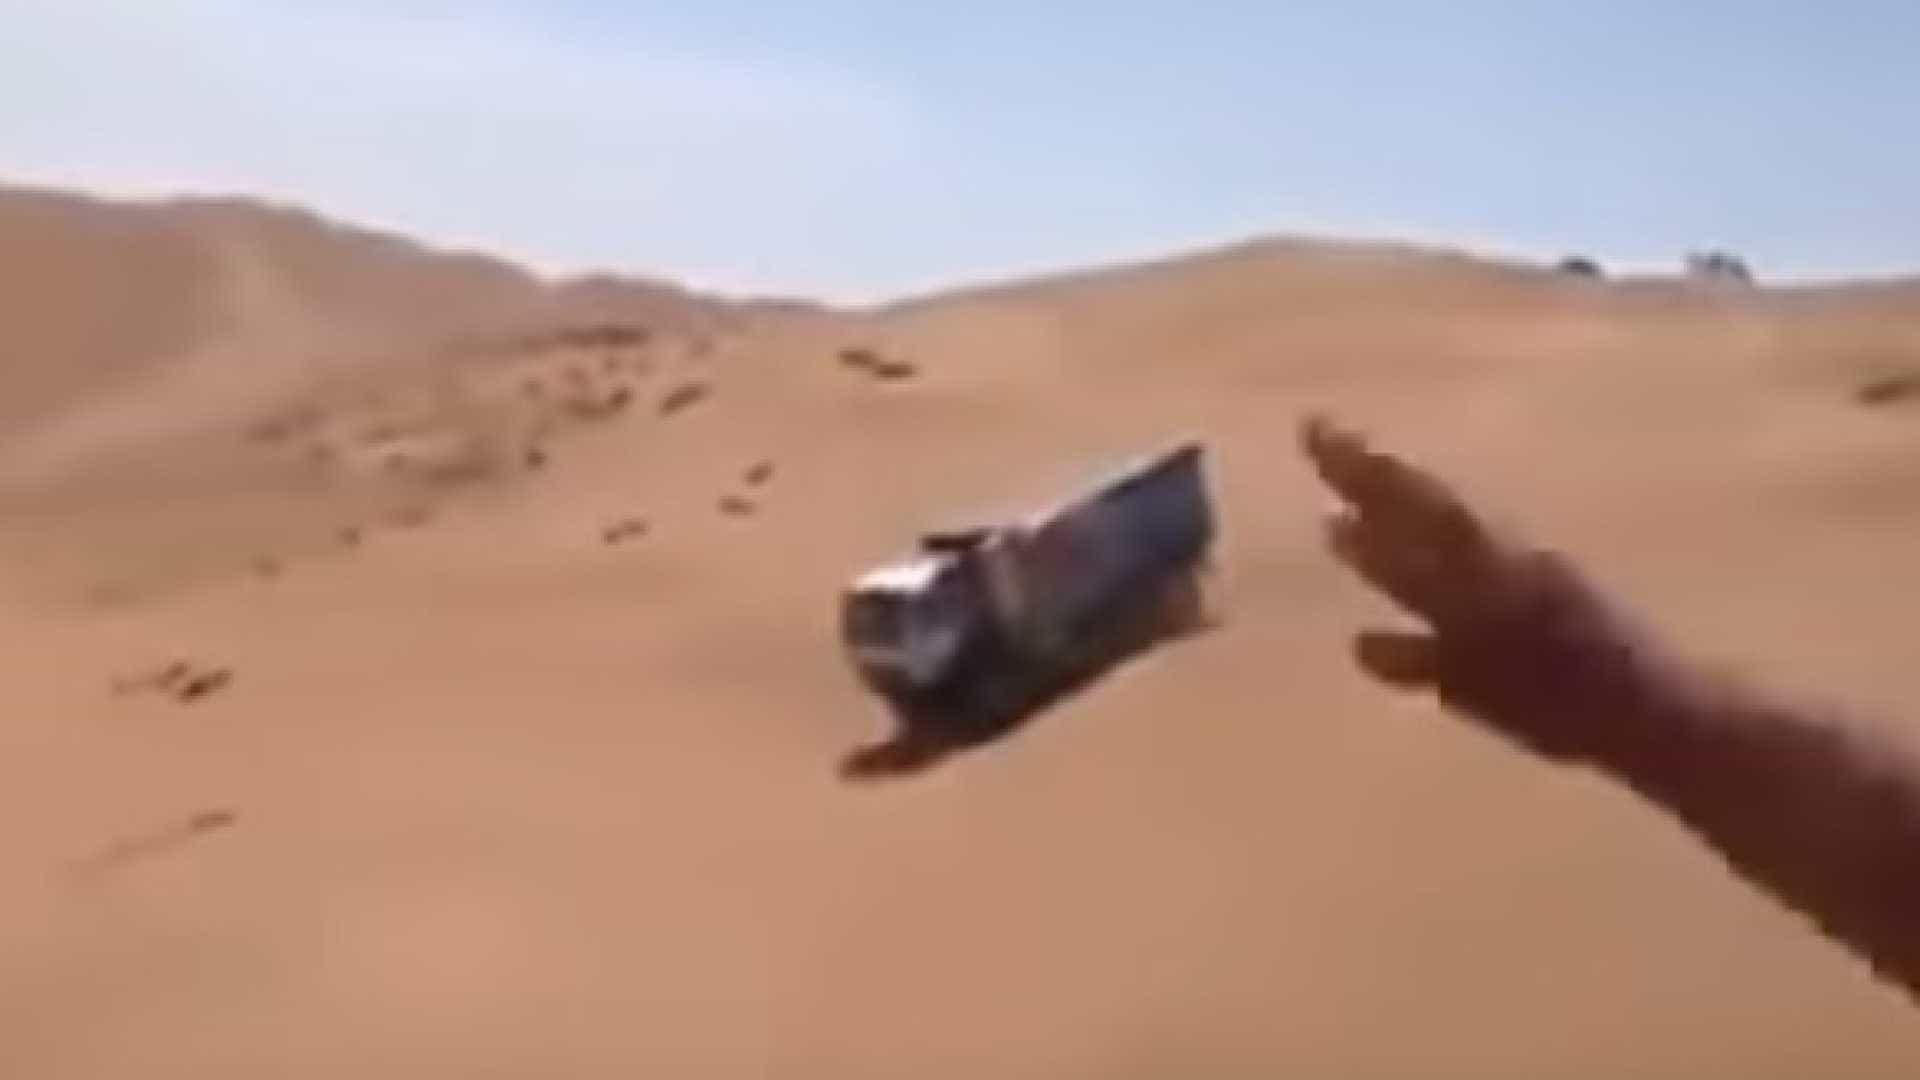 Dakar: piloto atropela espectador, segue viagem e acaba excluído